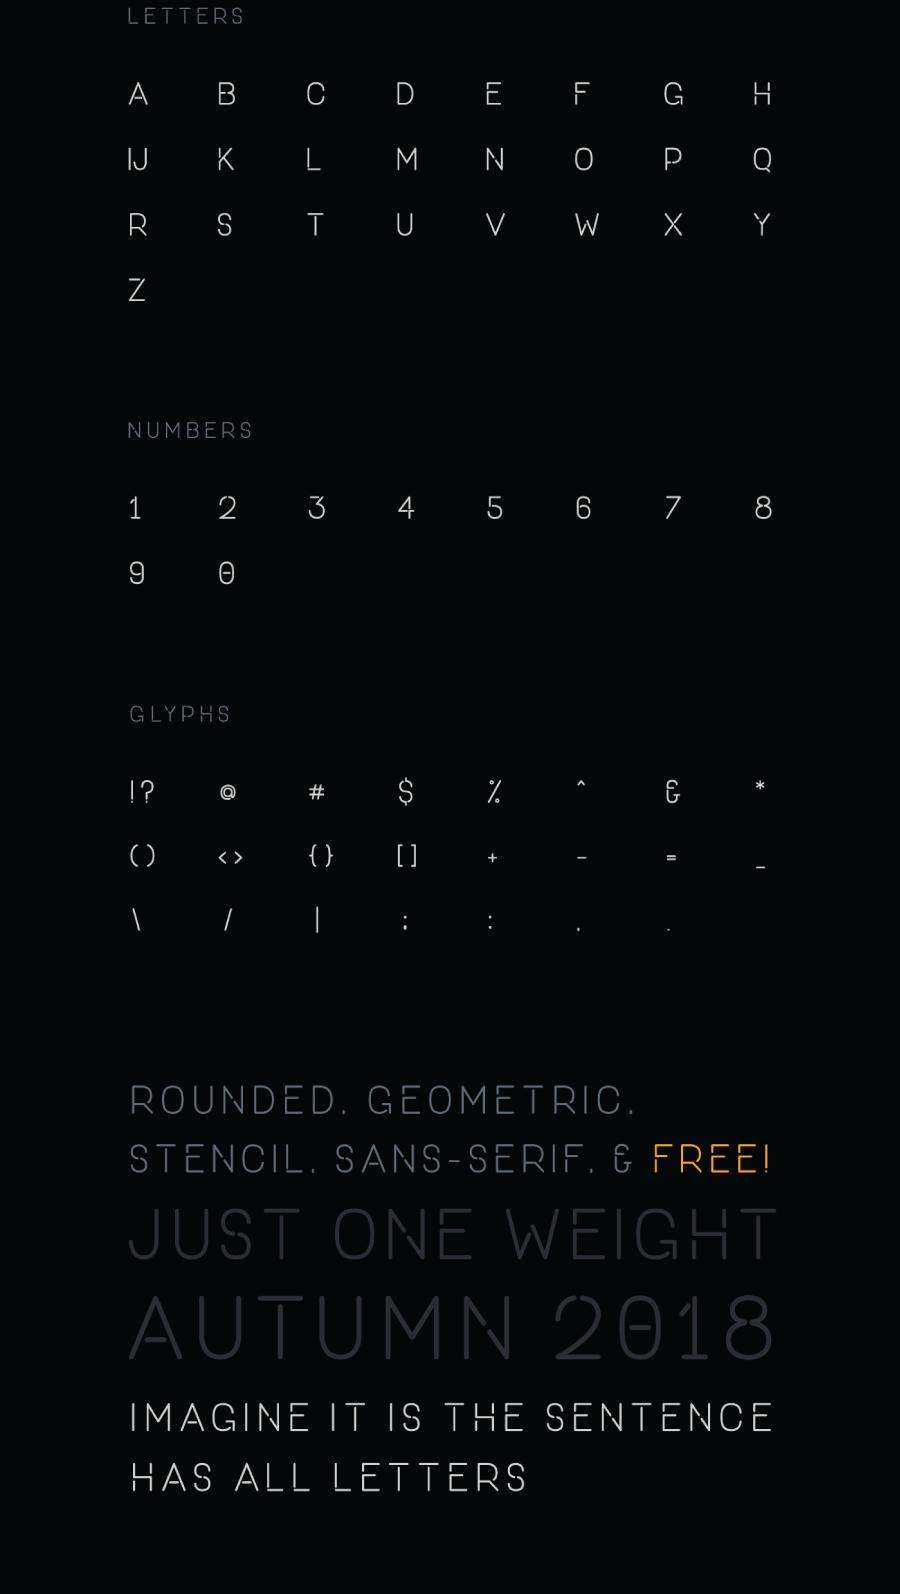 خط ون داي مجانا ONE DAY Free Font